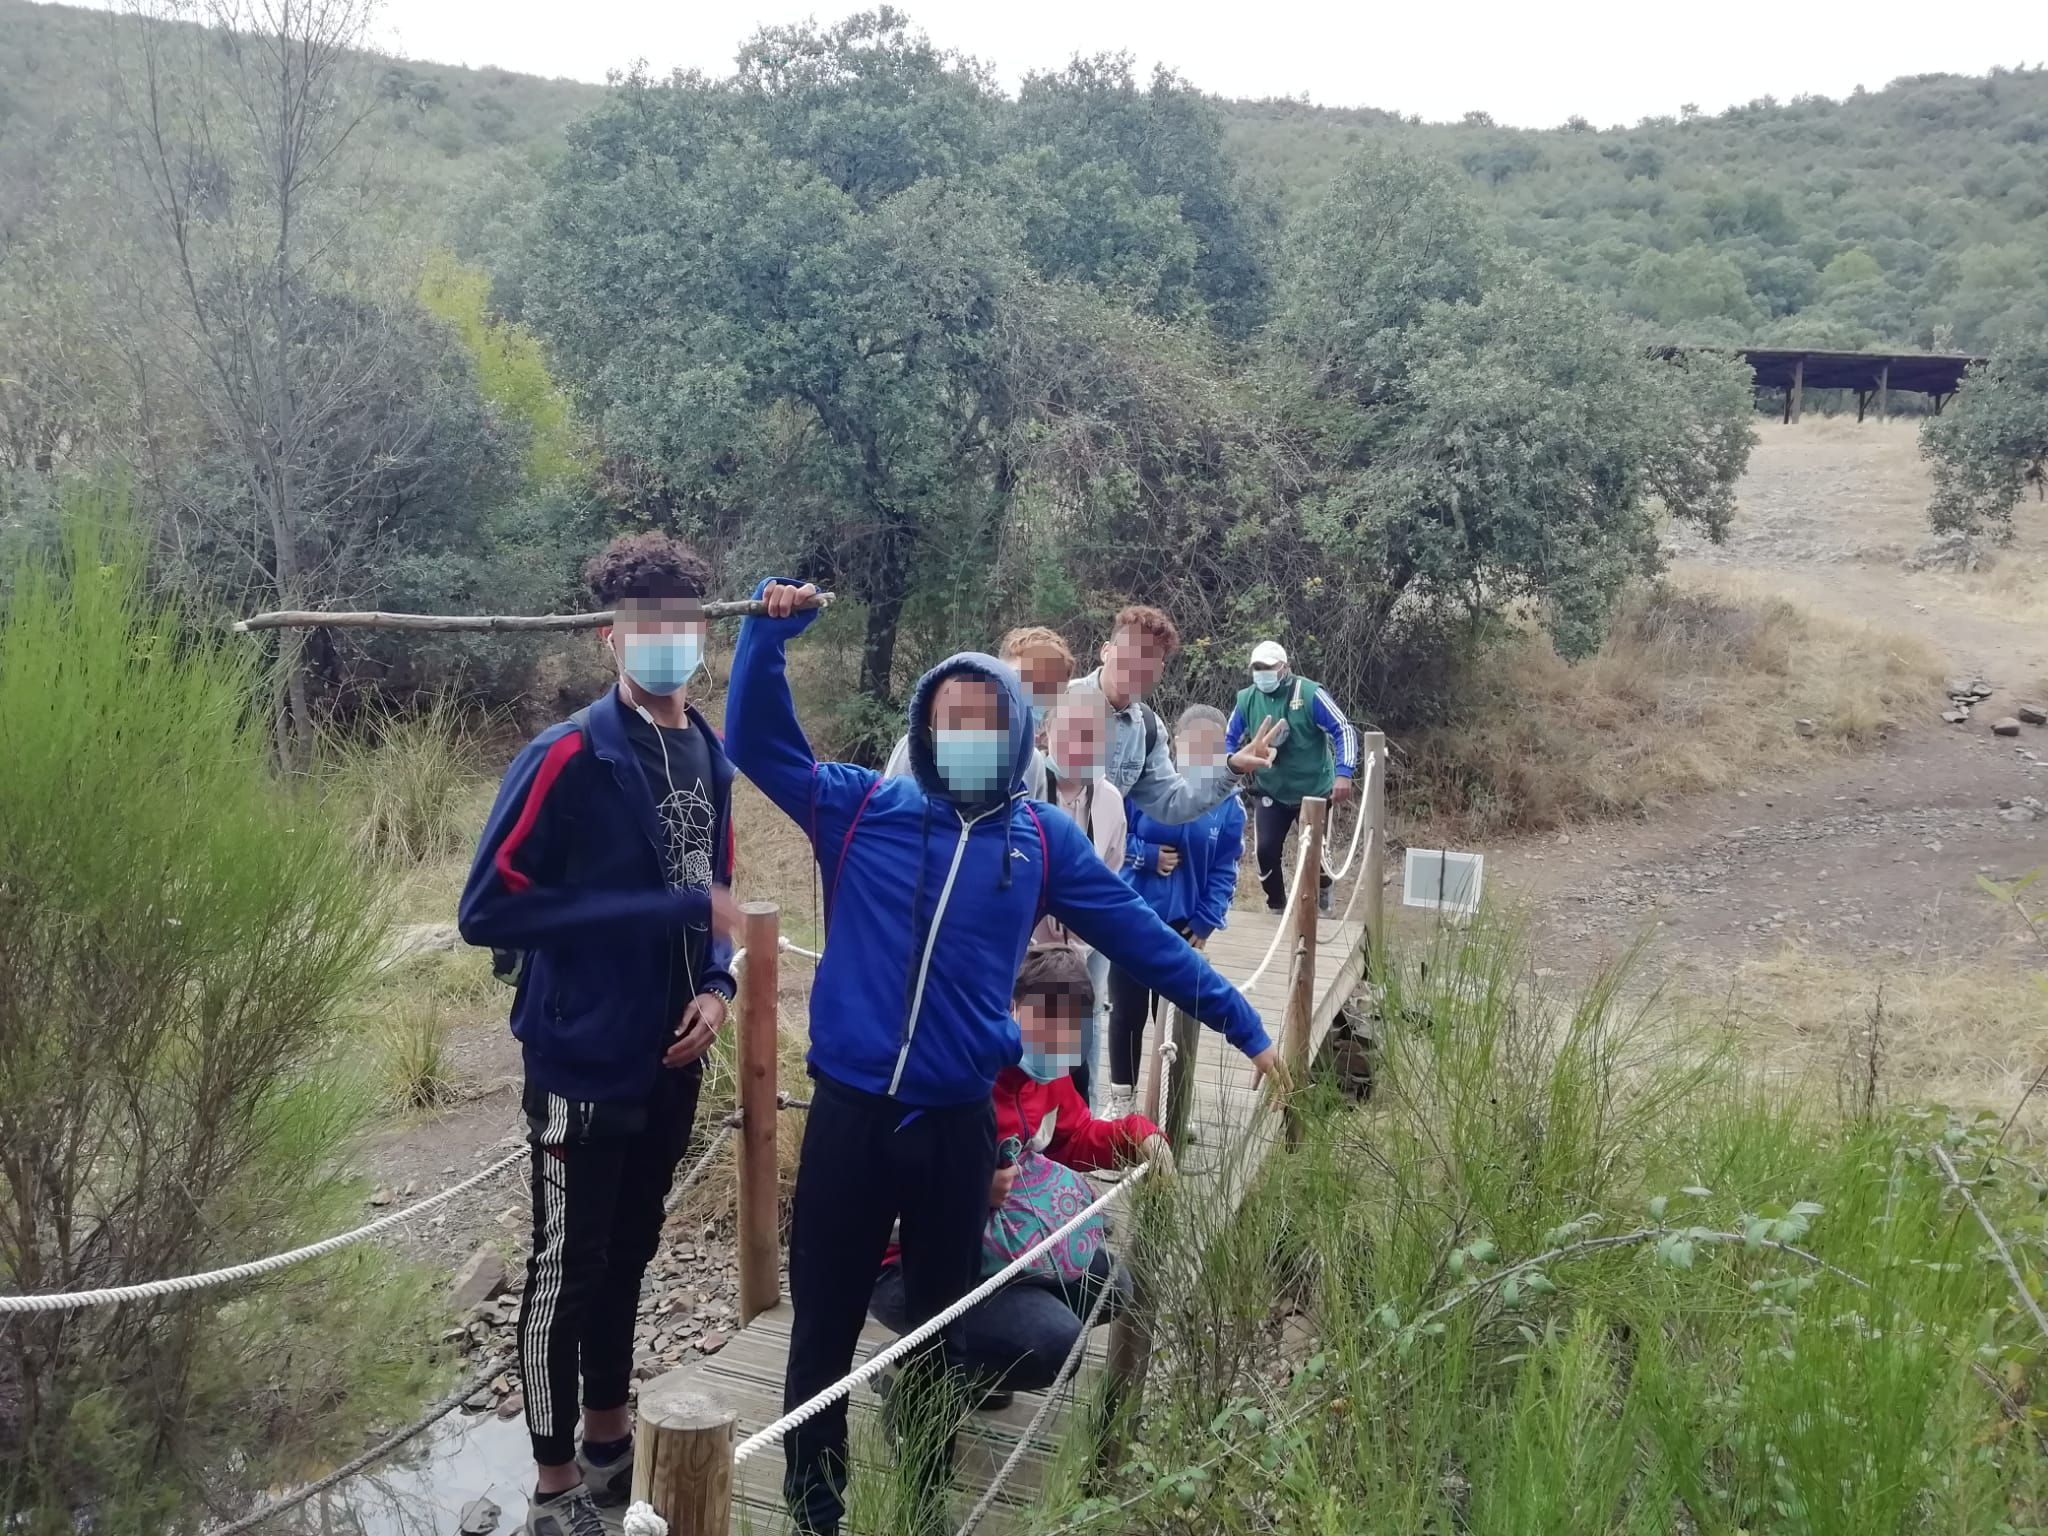 Ruta del Boquerón P.N. CAbañeros 2020-10-04 (3)